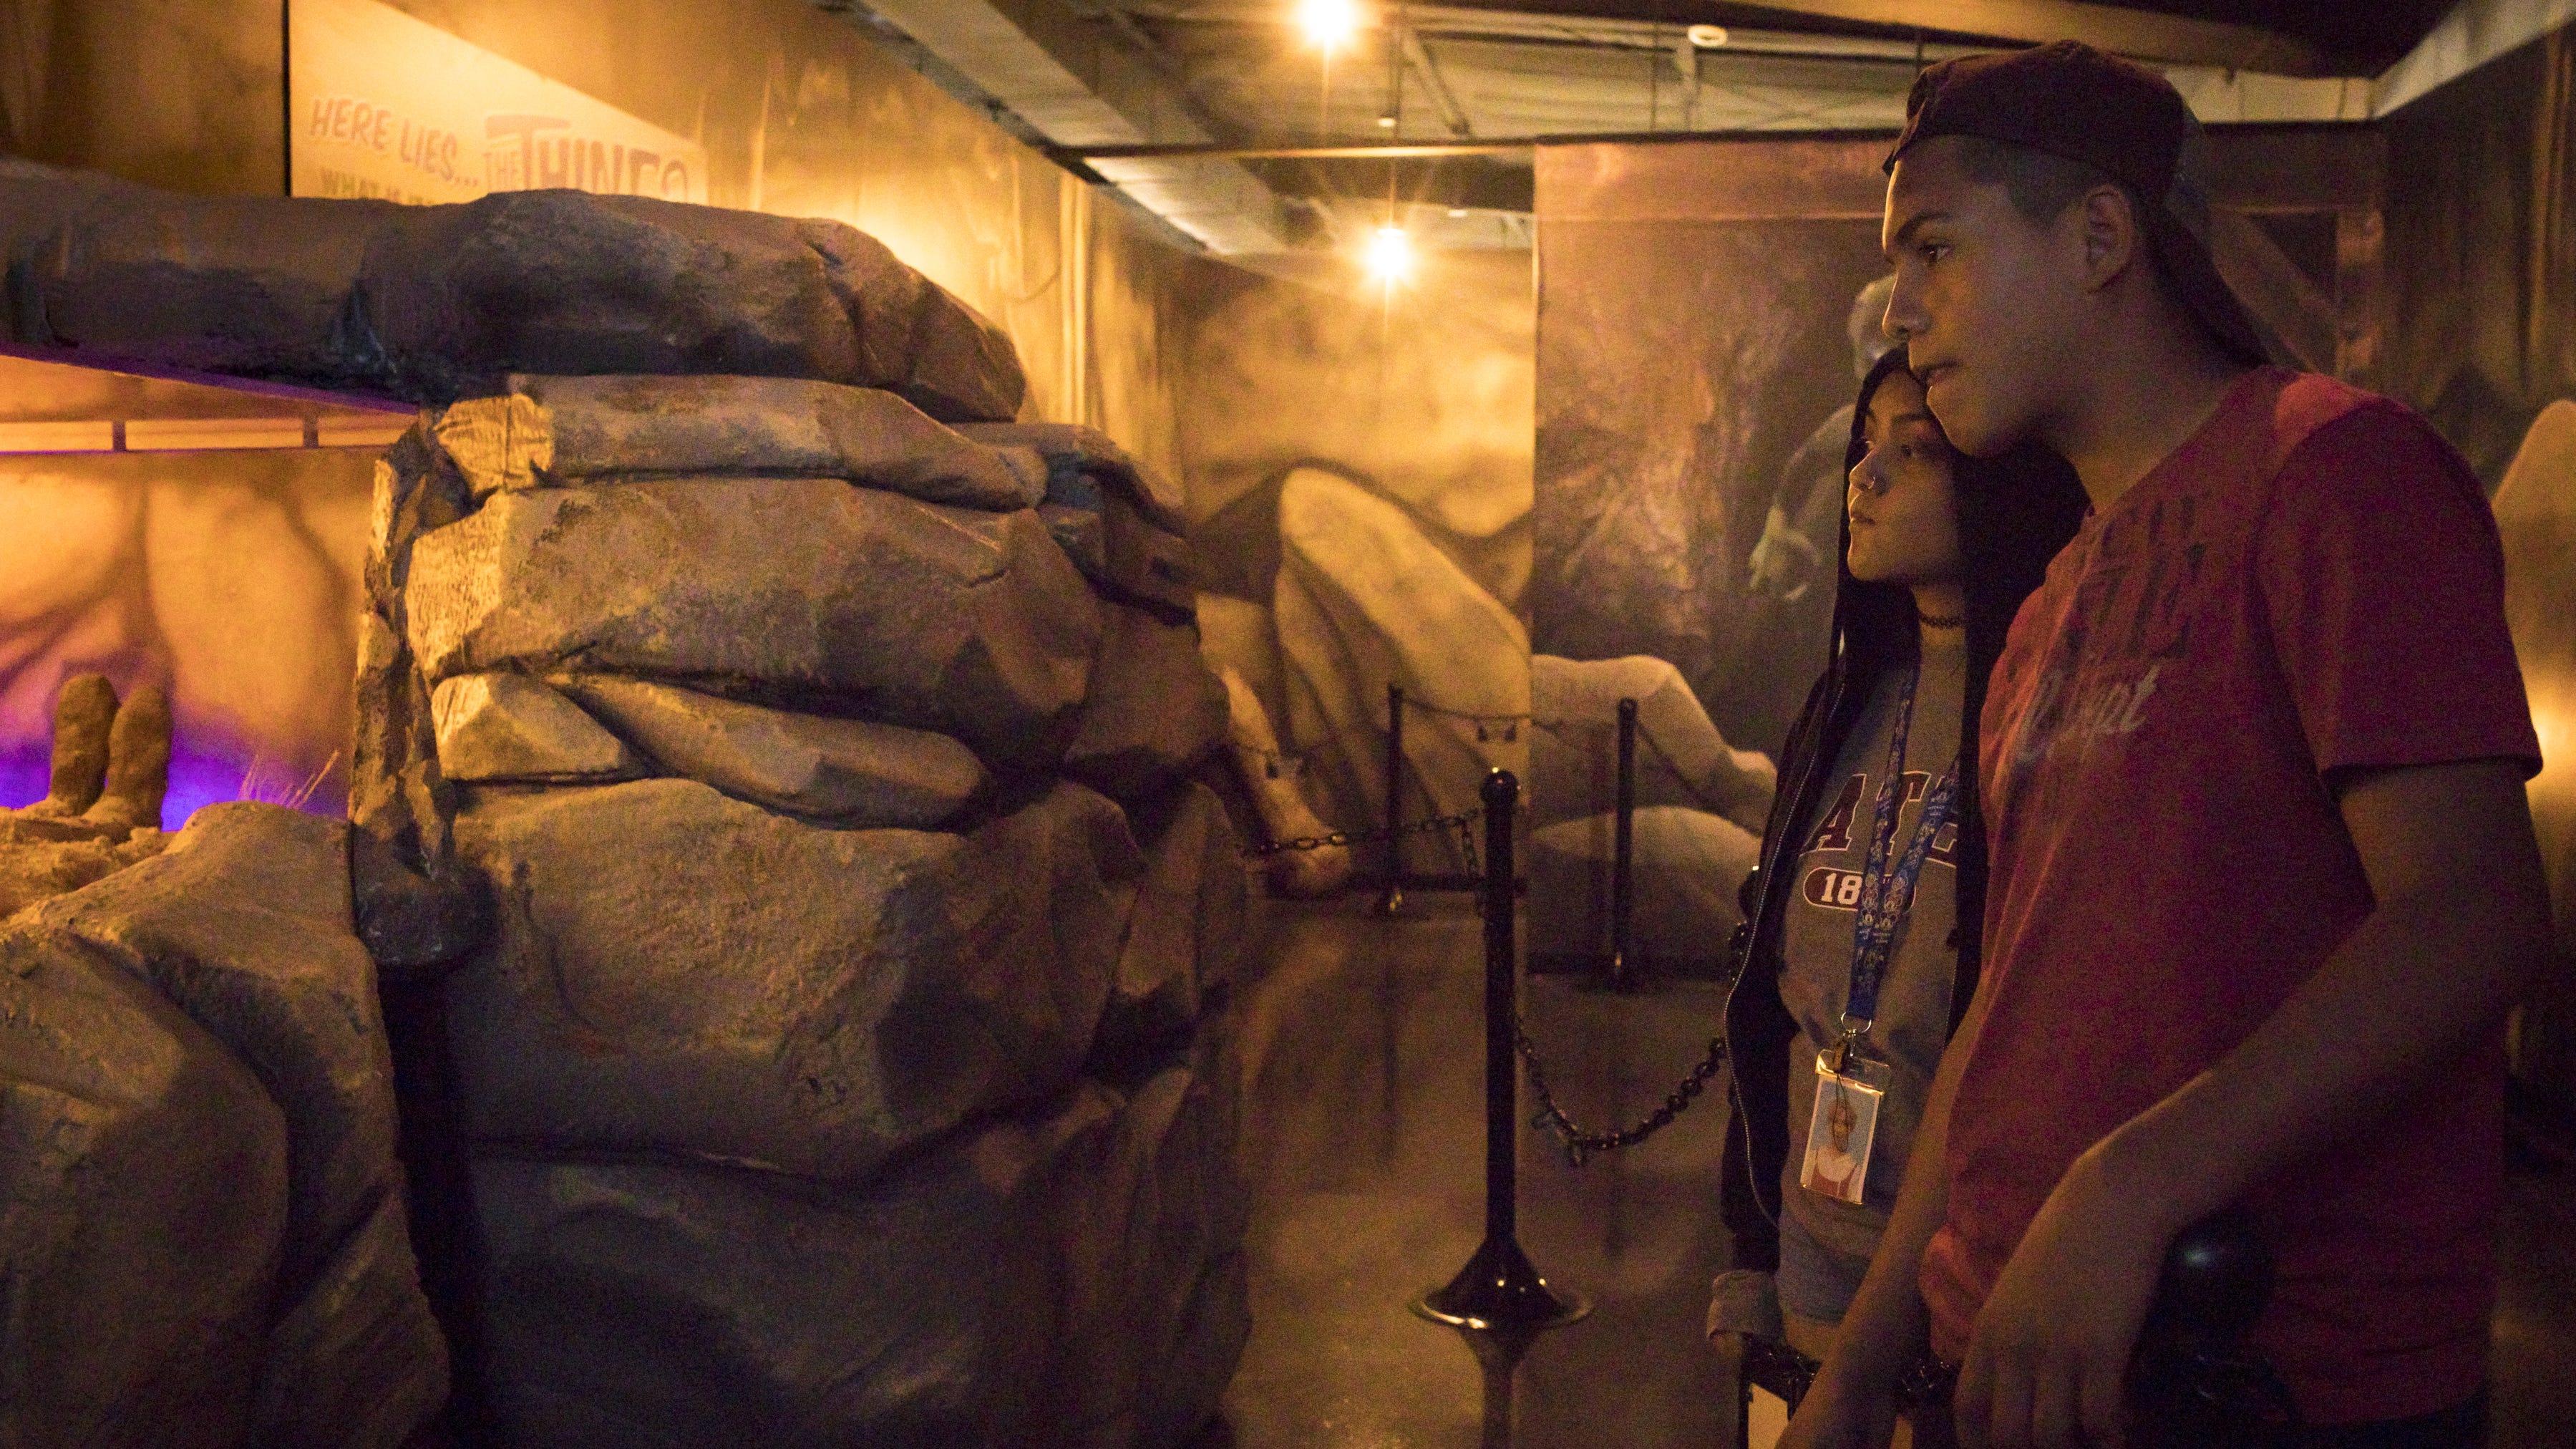 The Thing: Arizona's weirdest roadside attraction just got stranger